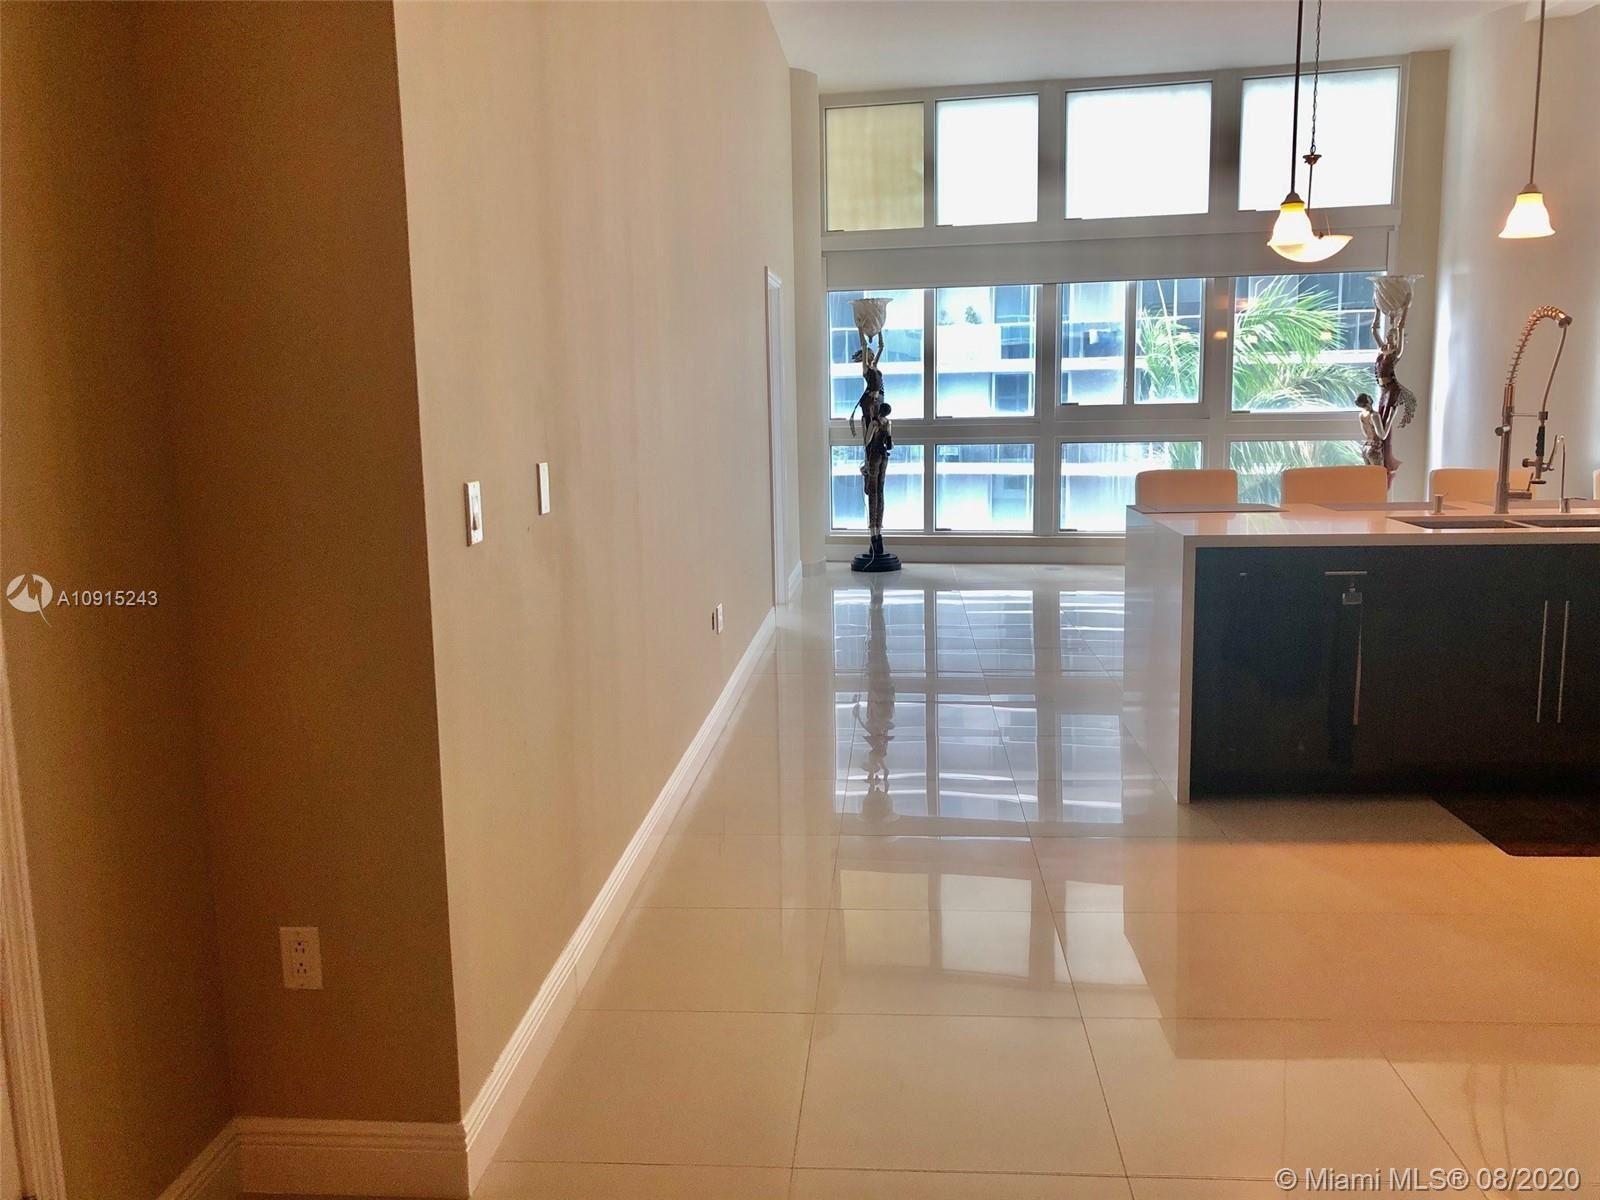 1800 N Bayshore Dr #408, Miami, FL 33132 - #: A10915243